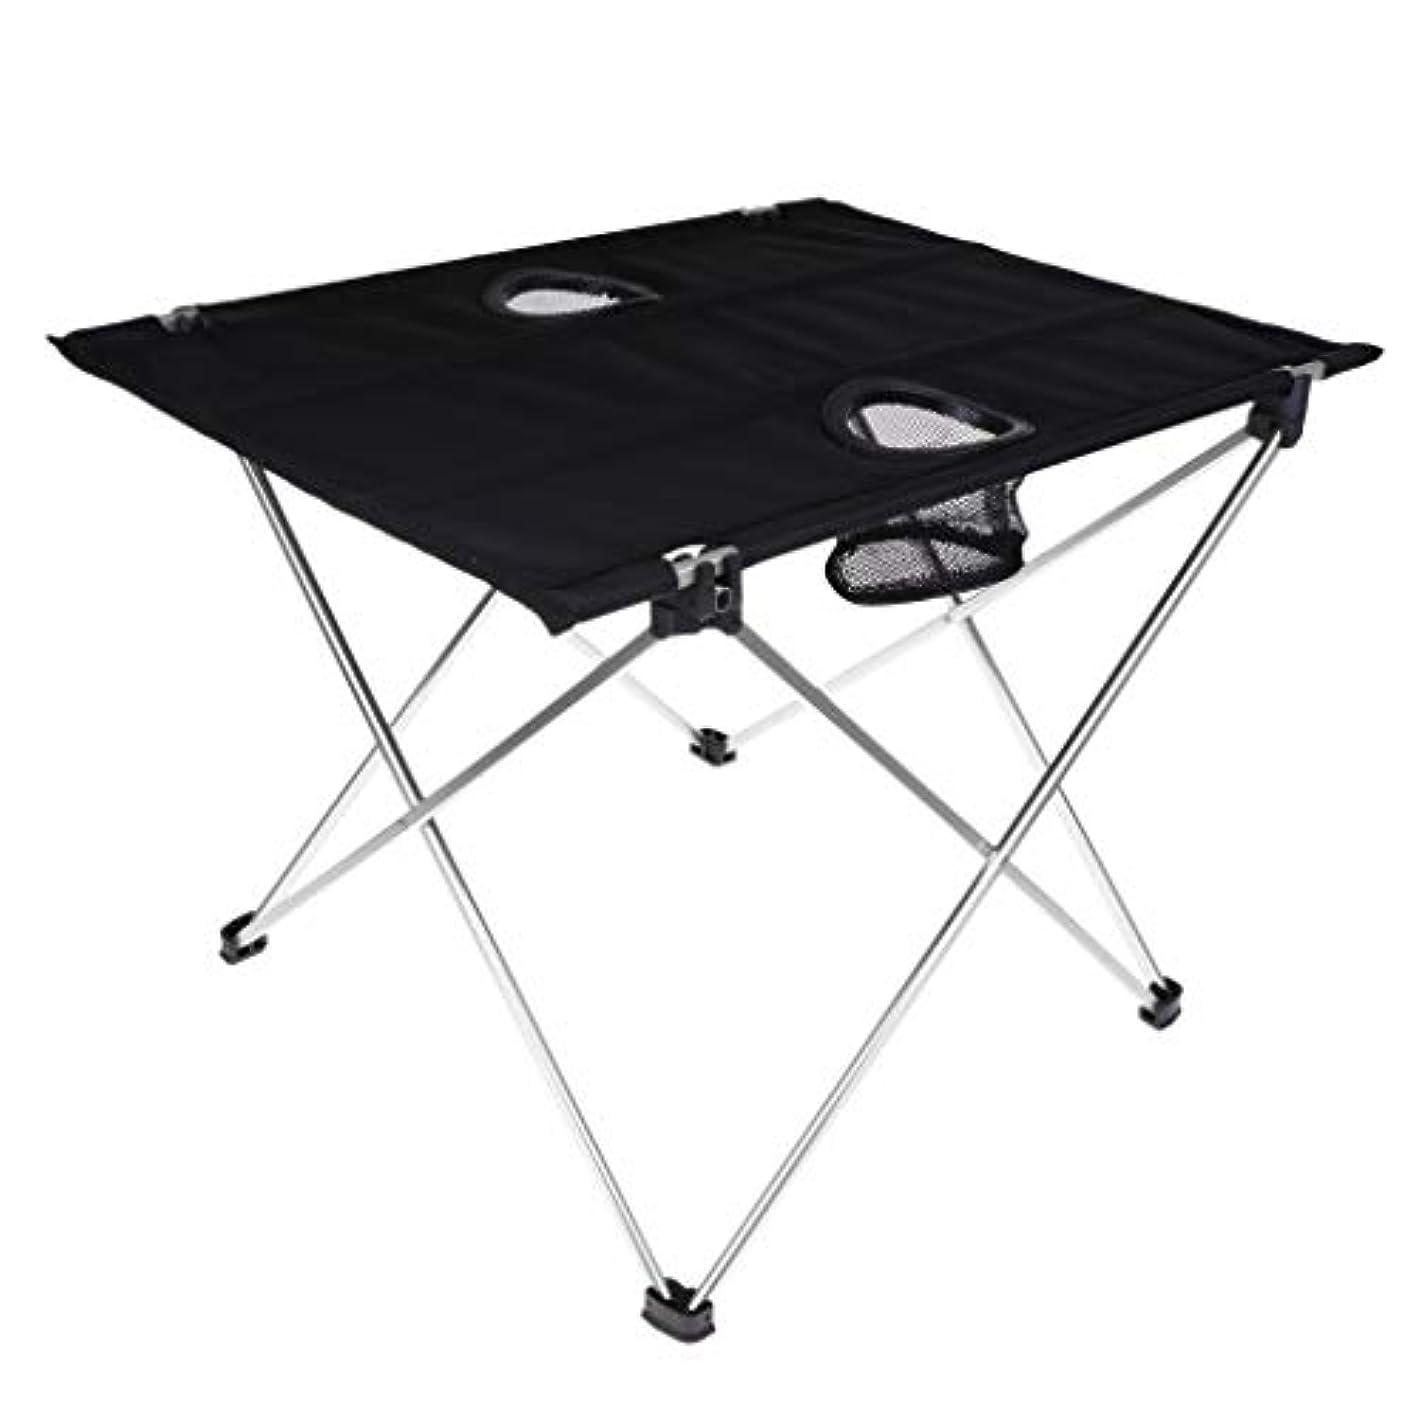 無関心手首ライオンF Fityle 折りたたみテーブル 折りたたみデスク キャンプ ピクニック バーベキュー用 全4色